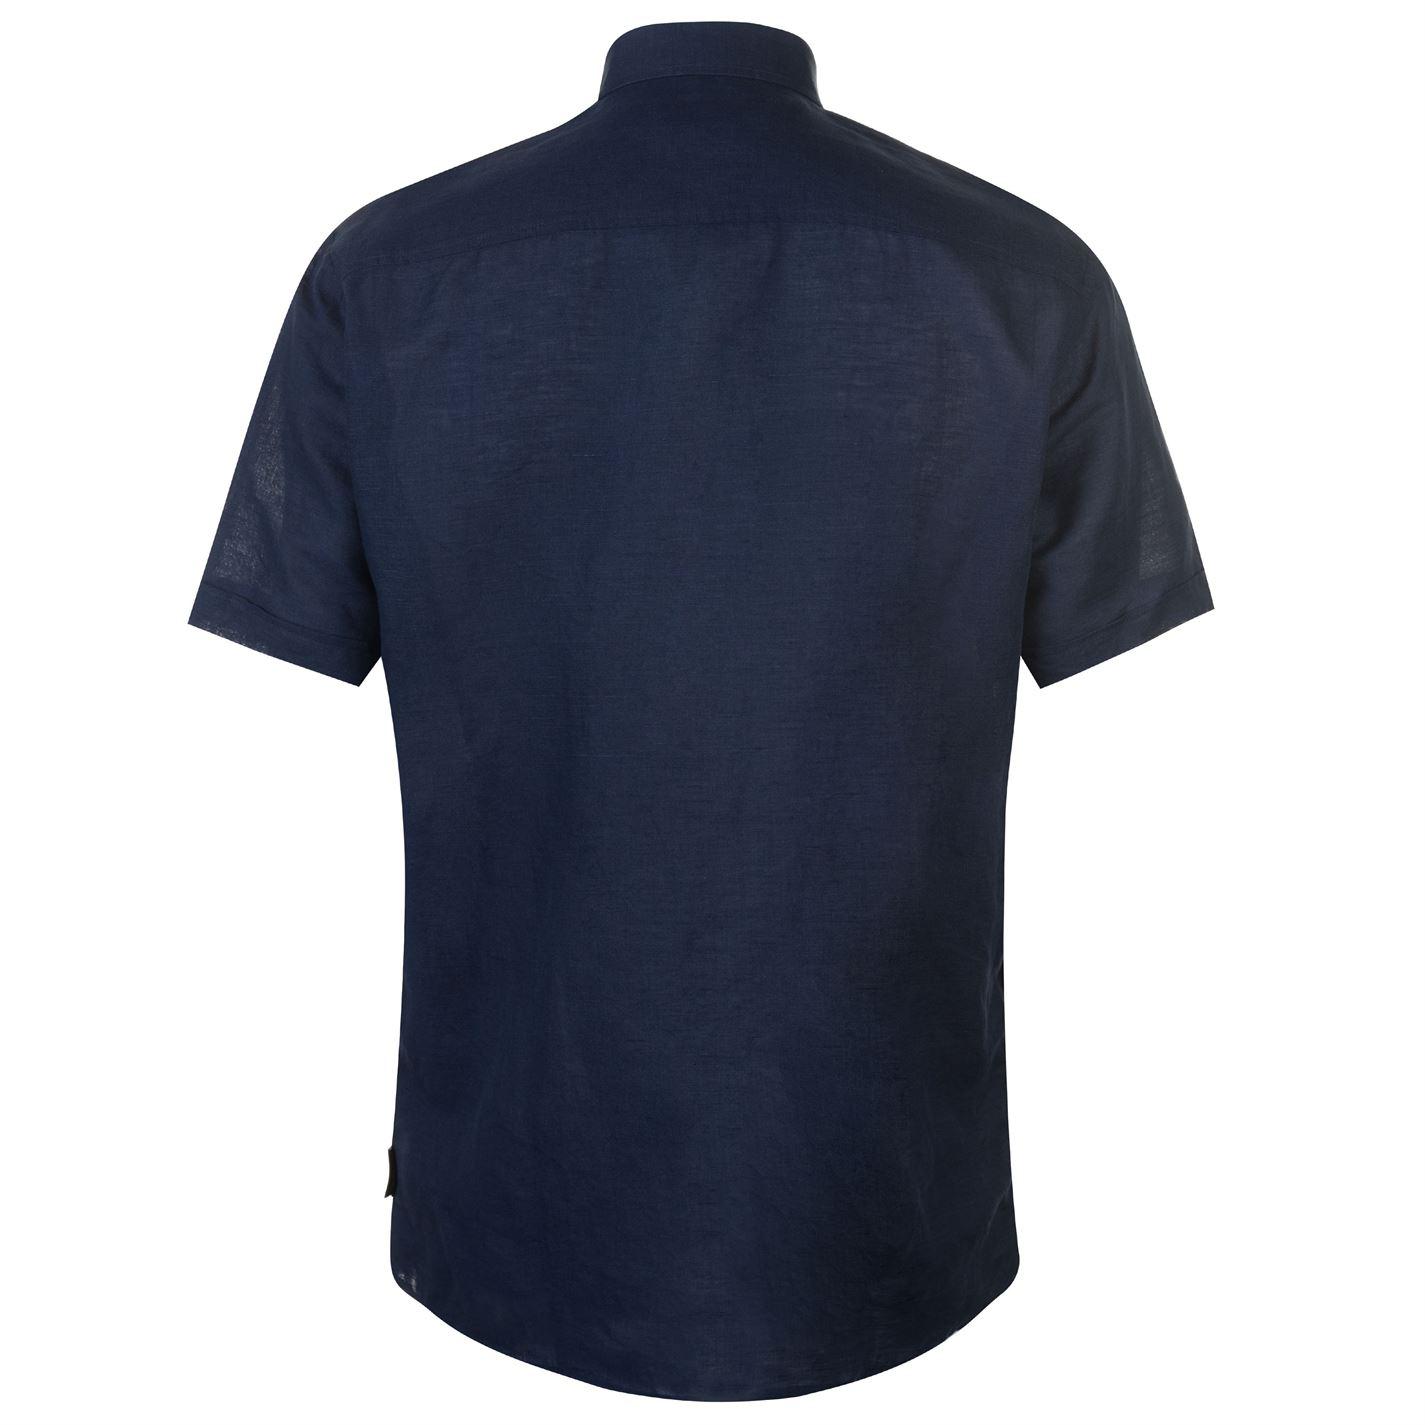 Pierre CARDIN Camicia Lino Uomo Gents manica corta REGULAR FIT TIMBRO tasca sul petto